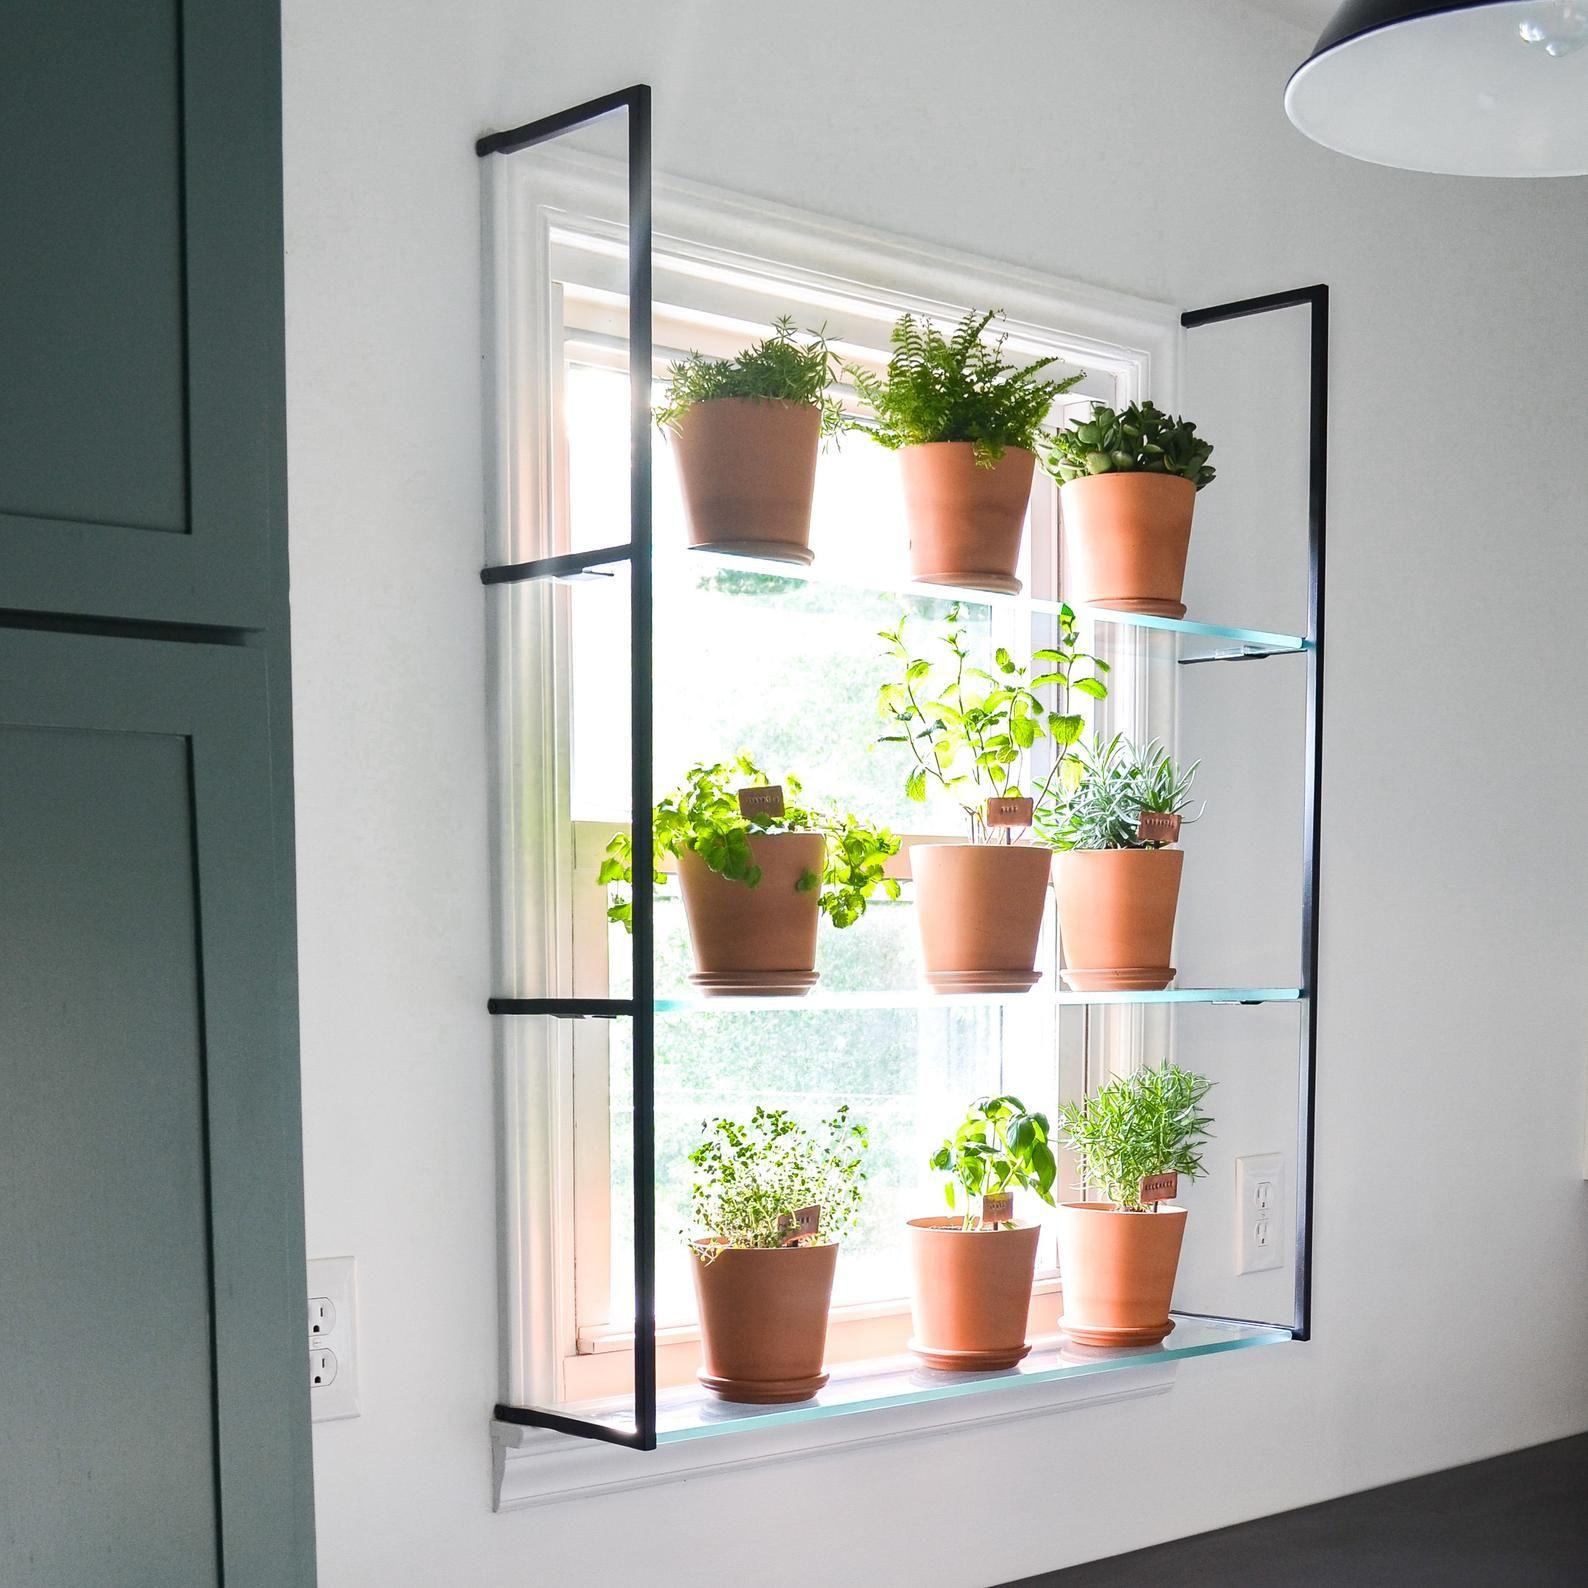 Pair Of Steel Shelf Brackets For A Window Garden Simplicity In The South Window Shelf For Plants Garden Windows Window Plants